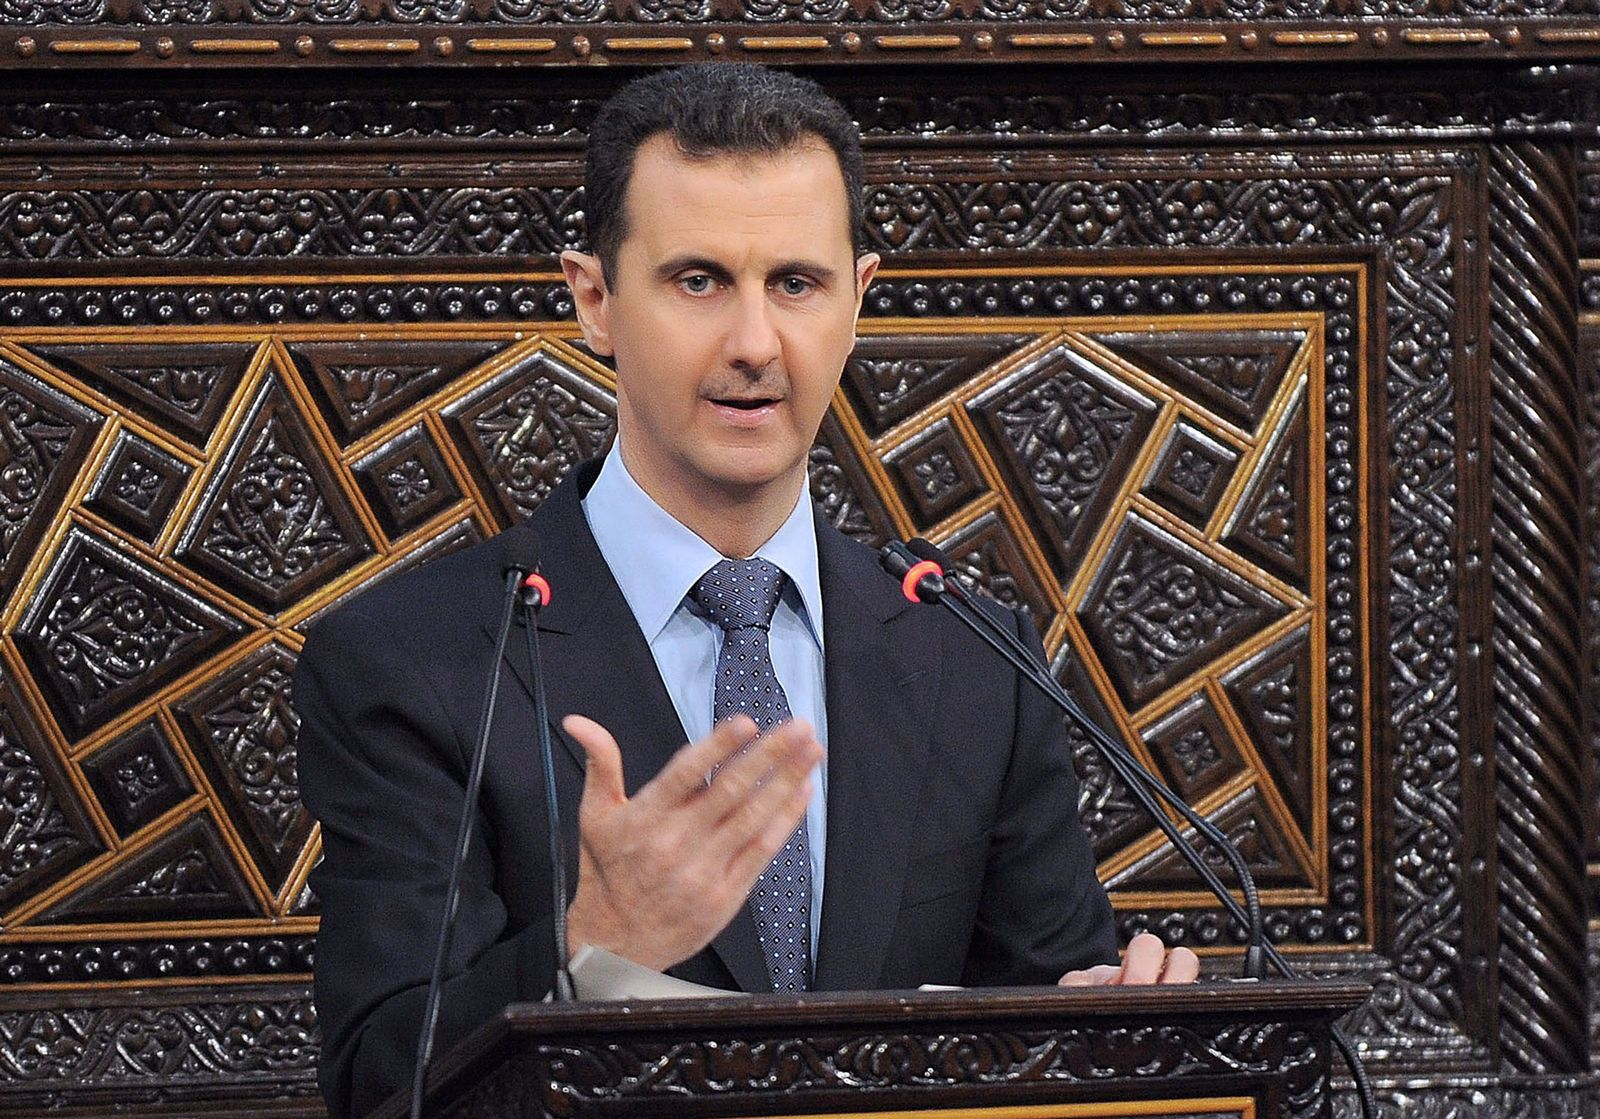 Bashar Assad opens Parliament